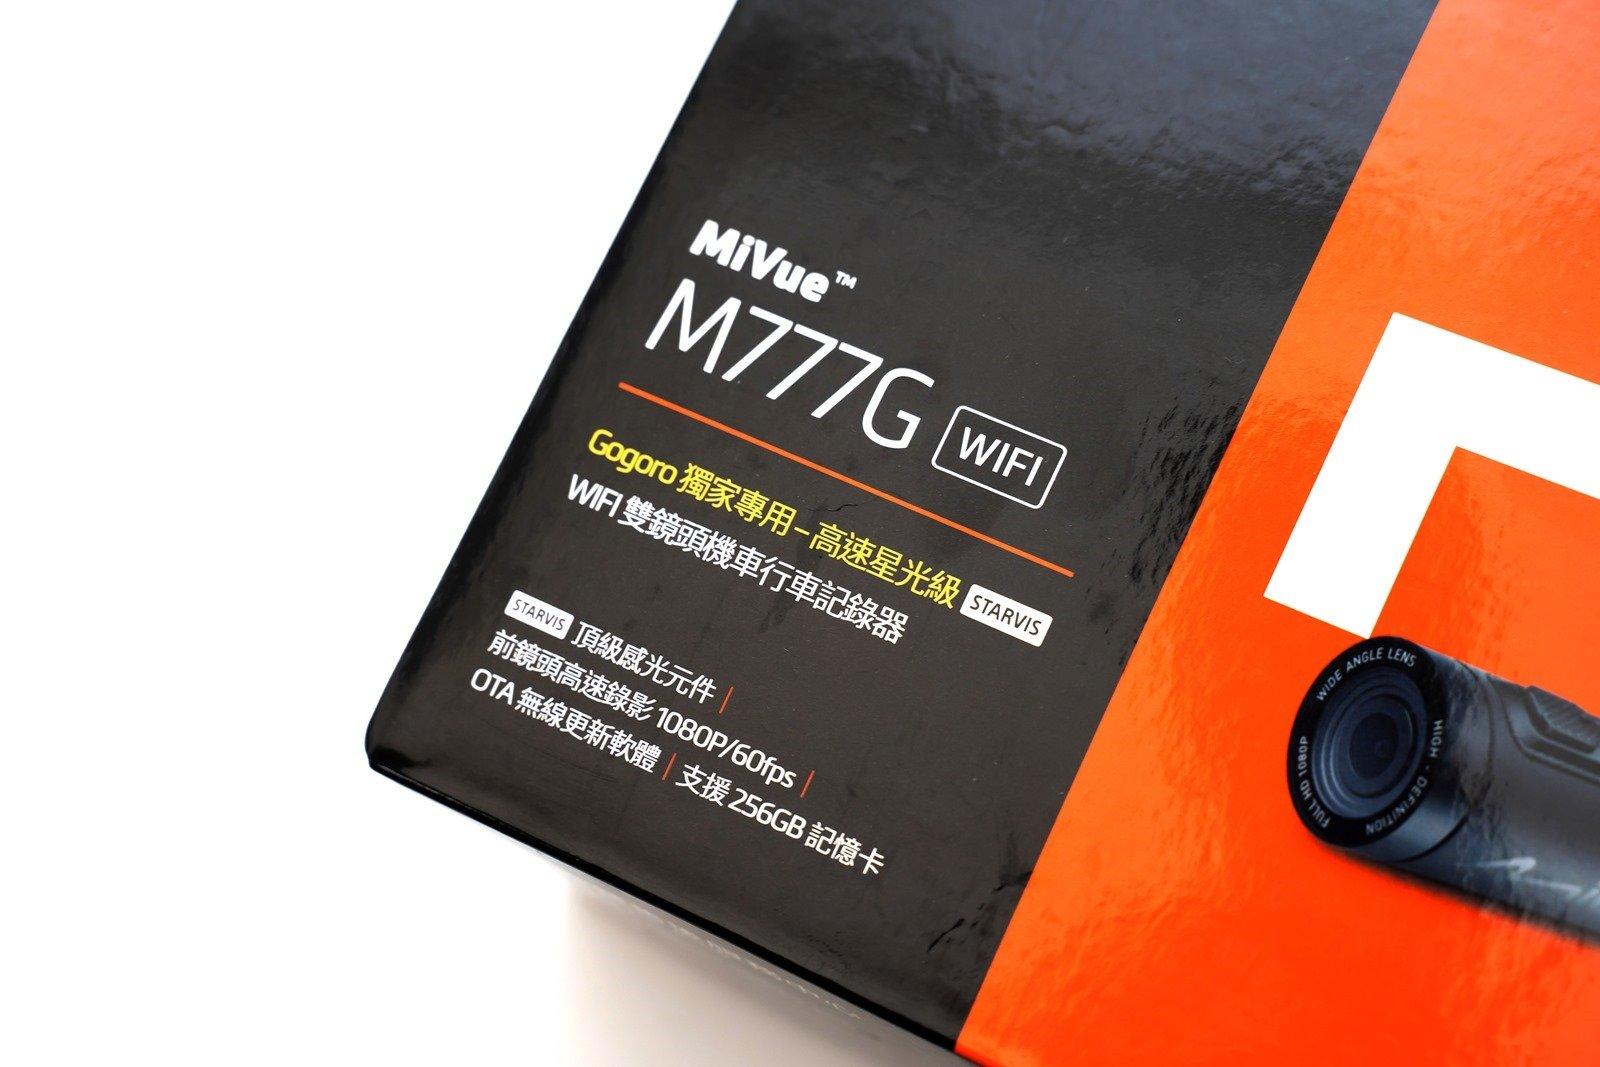 MiVue M777G 新選擇!Mio 專為 Gogoro 而生高速星光級 WIFI 雙鏡頭機車行車記錄器 @3C 達人廖阿輝